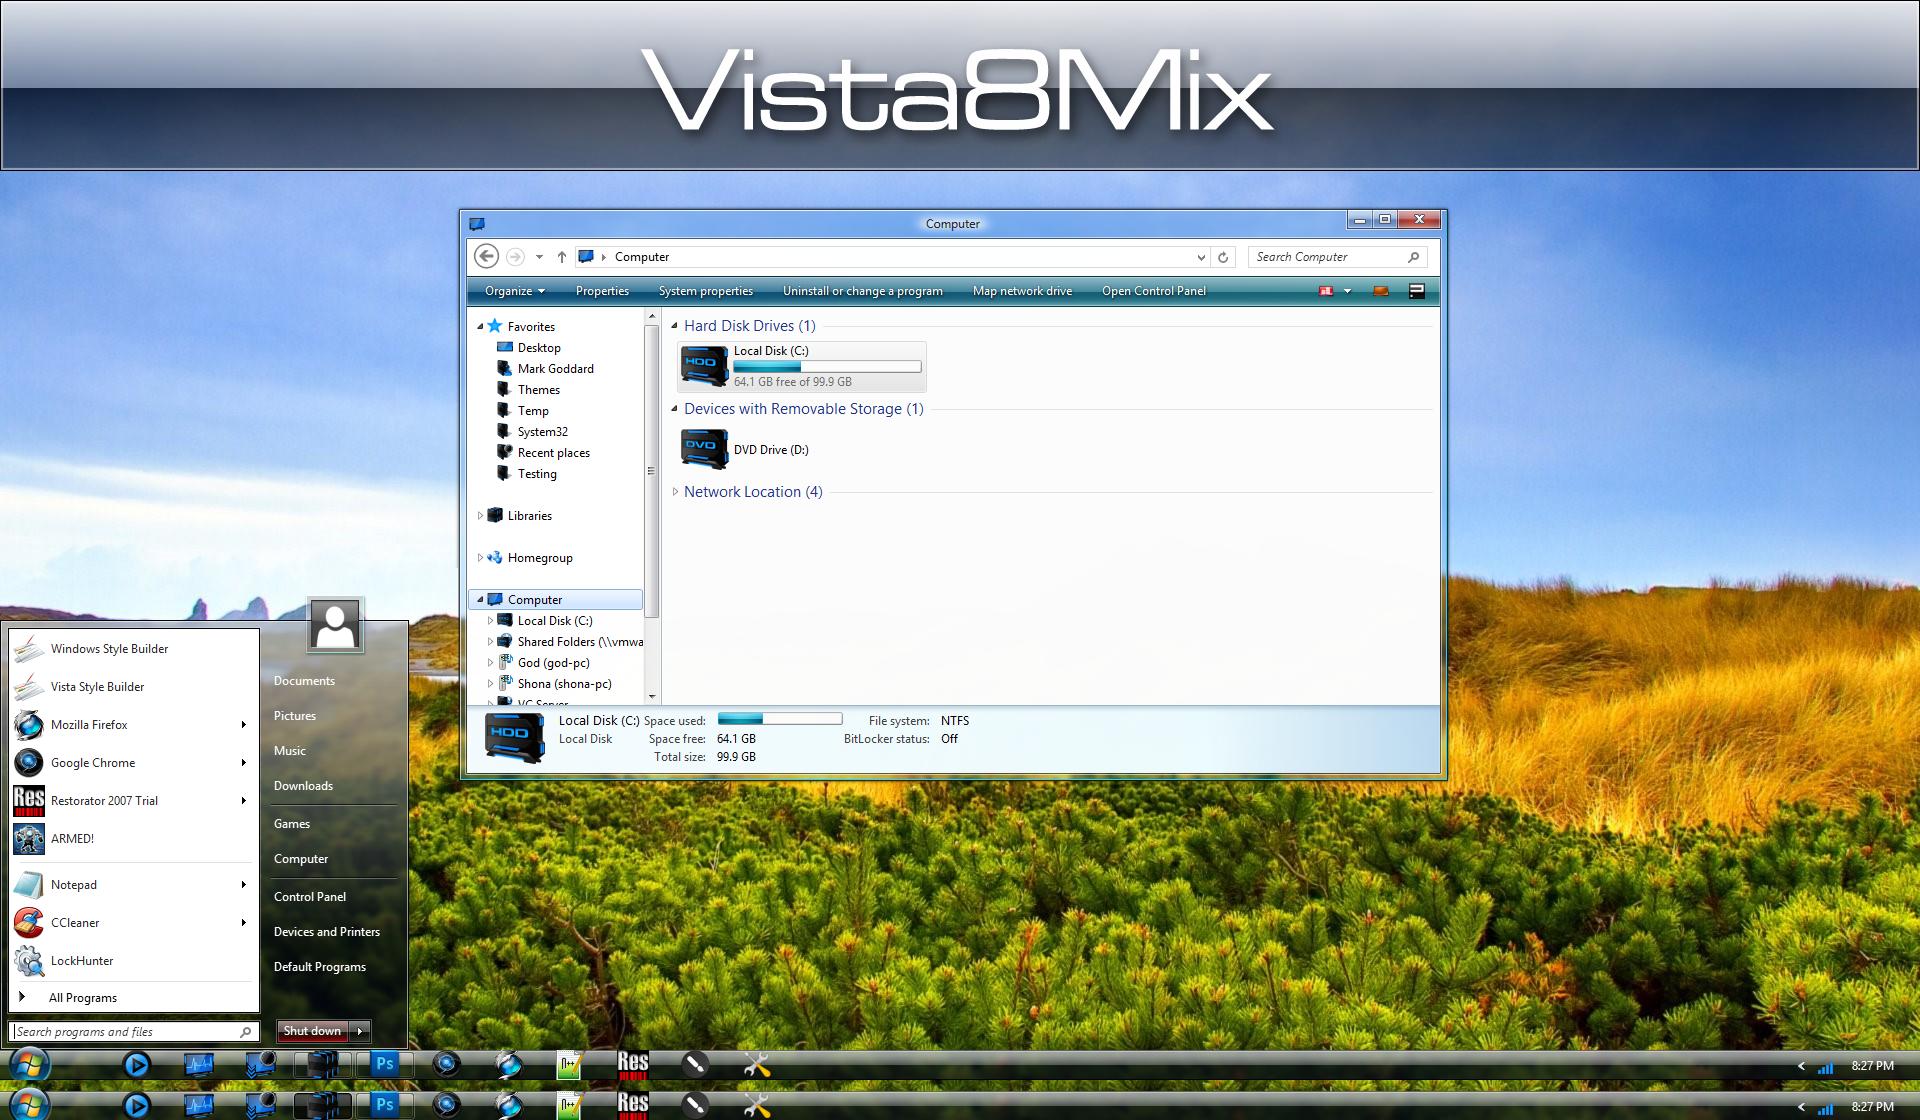 Vista 8 Modern Mix by MrGRiM01